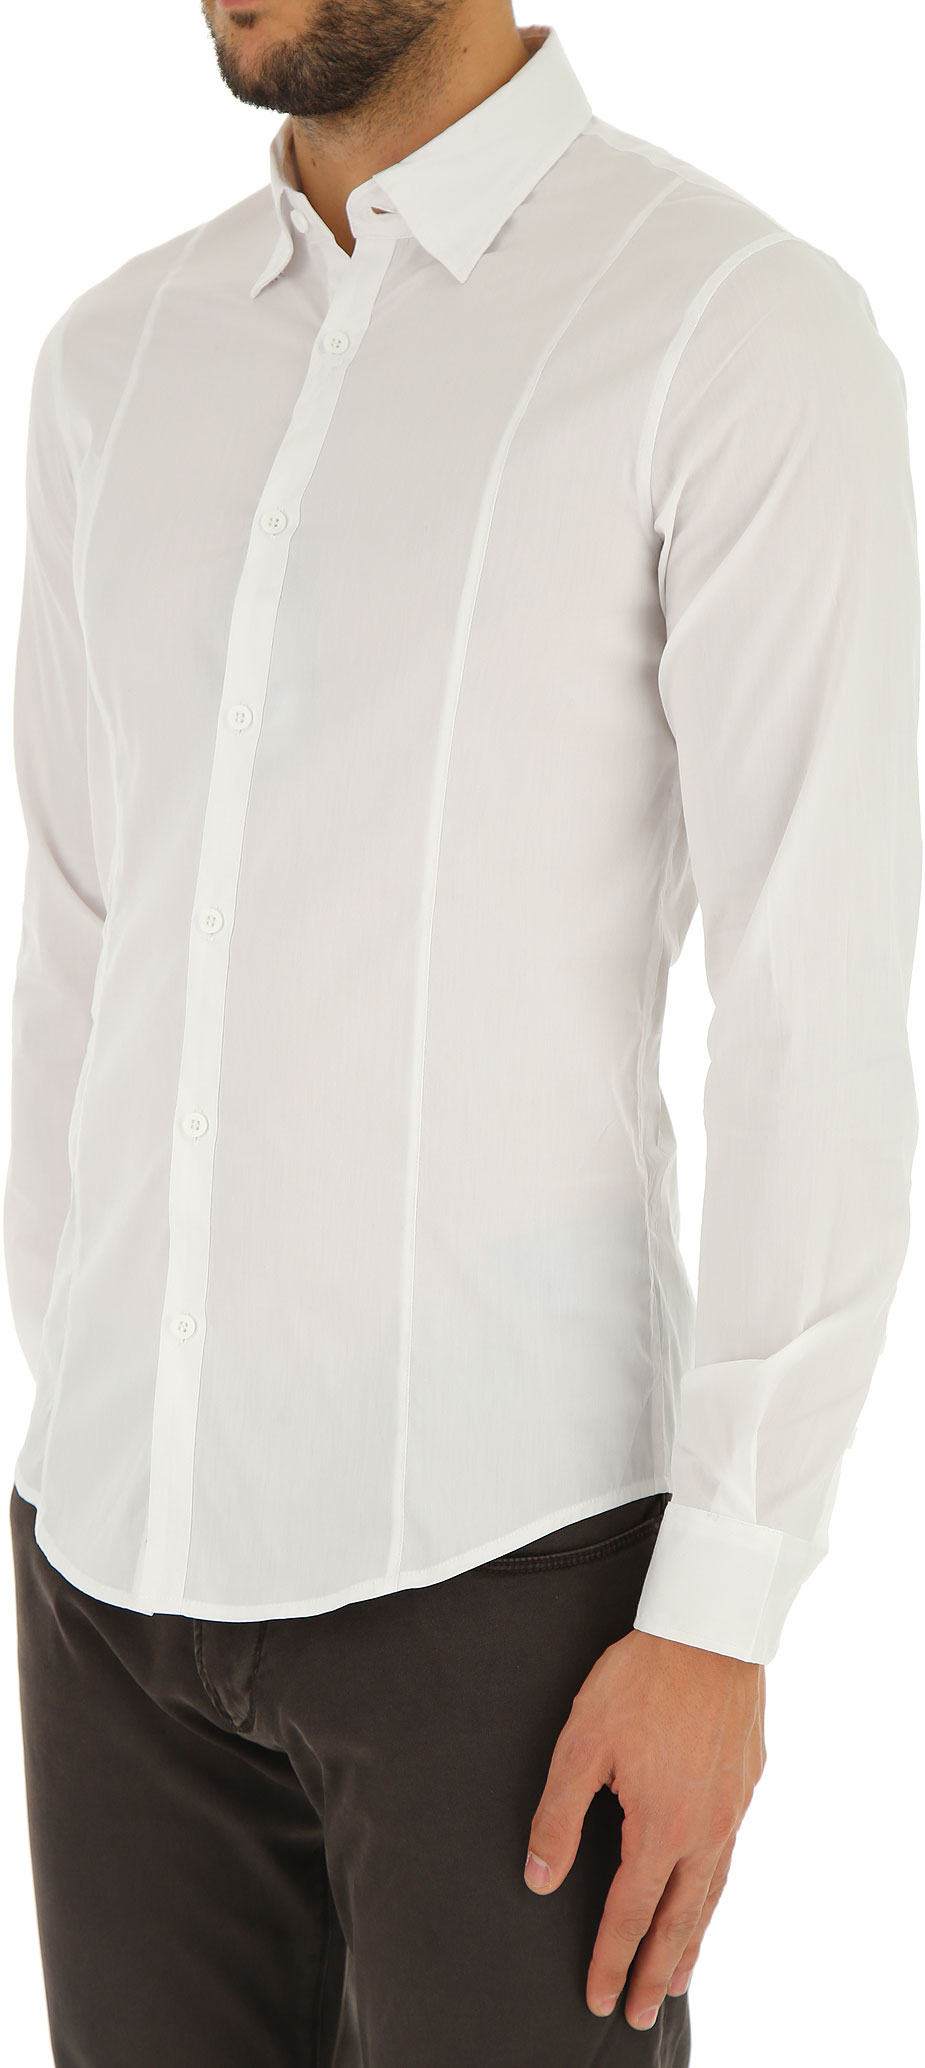 Abbigliamento Uomo Emporio Armani, Codice Articolo: 8n6c68-6njsz-1100